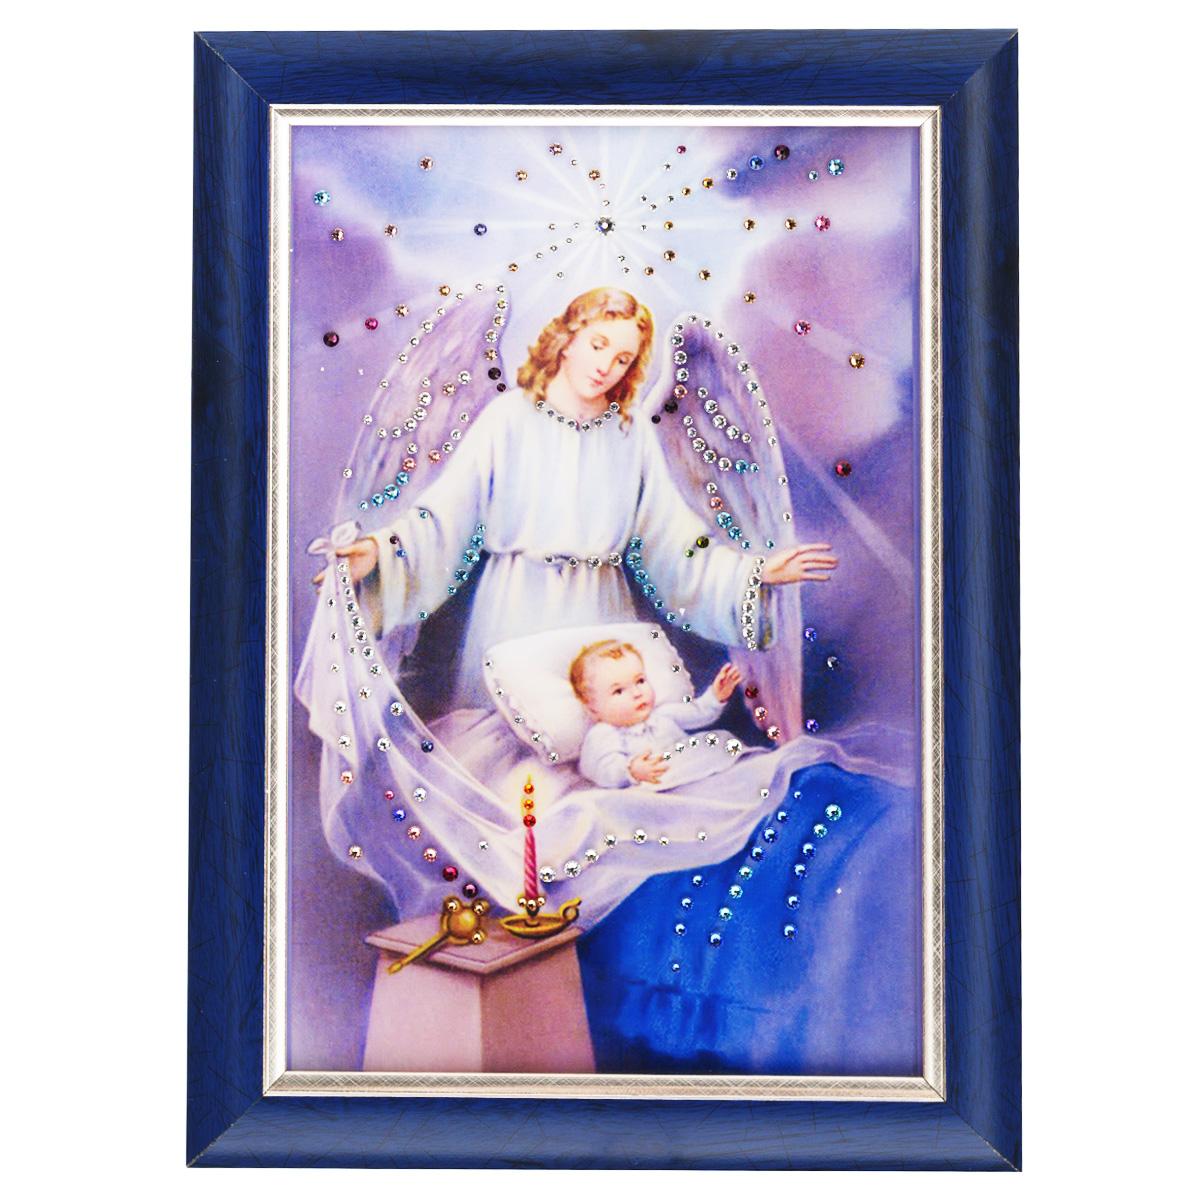 Картина с кристаллами Swarovski Ангел-защитник, 25 см х 35 см1424Изящная картина в багетной раме, инкрустирована кристаллами Swarovski, которые отличаются четкой и ровной огранкой, ярким блеском и чистотой цвета. Красочное изображение ангелочка и ребенка, расположенное под стеклом, прекрасно дополняет блеск кристаллов. С обратной стороны имеется металлическая проволока для размещения картины на стене. Картина с кристаллами Swarovski Ангел-защитник элегантно украсит интерьер дома или офиса, а также станет прекрасным подарком, который обязательно понравится получателю. Блеск кристаллов в интерьере, что может быть сказочнее и удивительнее. Картина упакована в подарочную картонную коробку синего цвета и комплектуется сертификатом соответствия Swarovski.